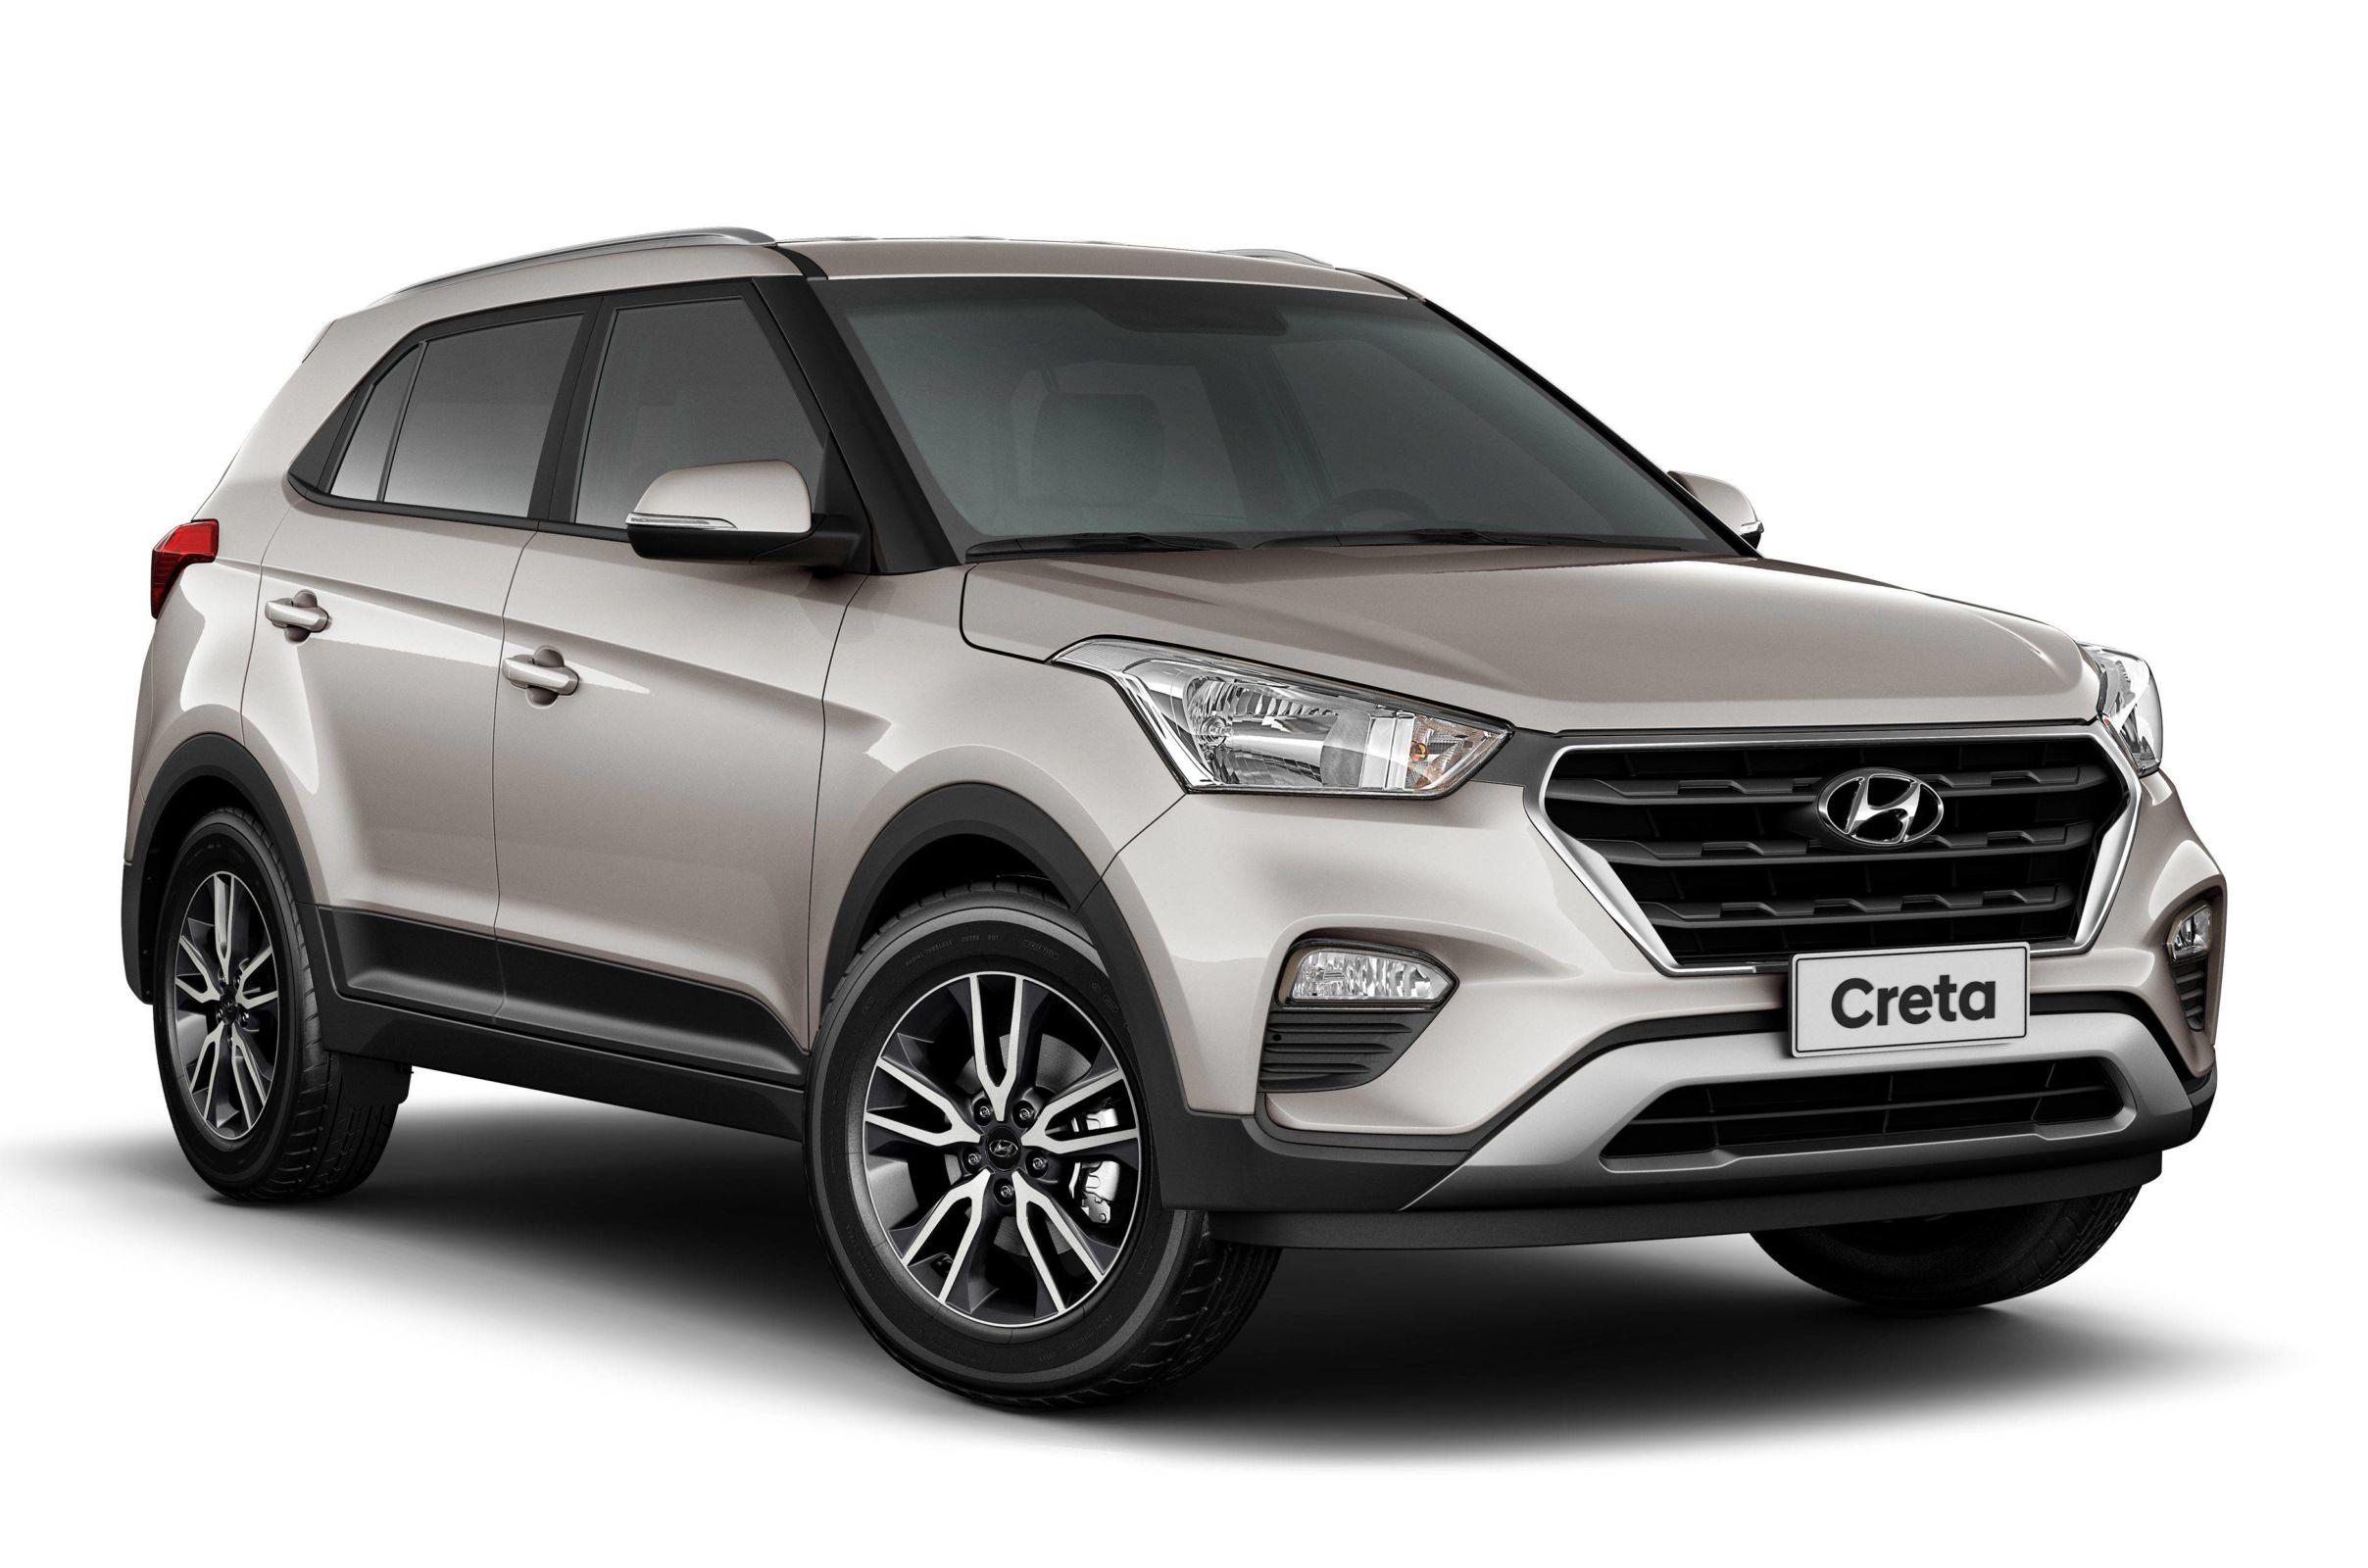 Entre as versões com motor 1.6 do Hyundai Creta, a Pulse Plus é a mais equipada